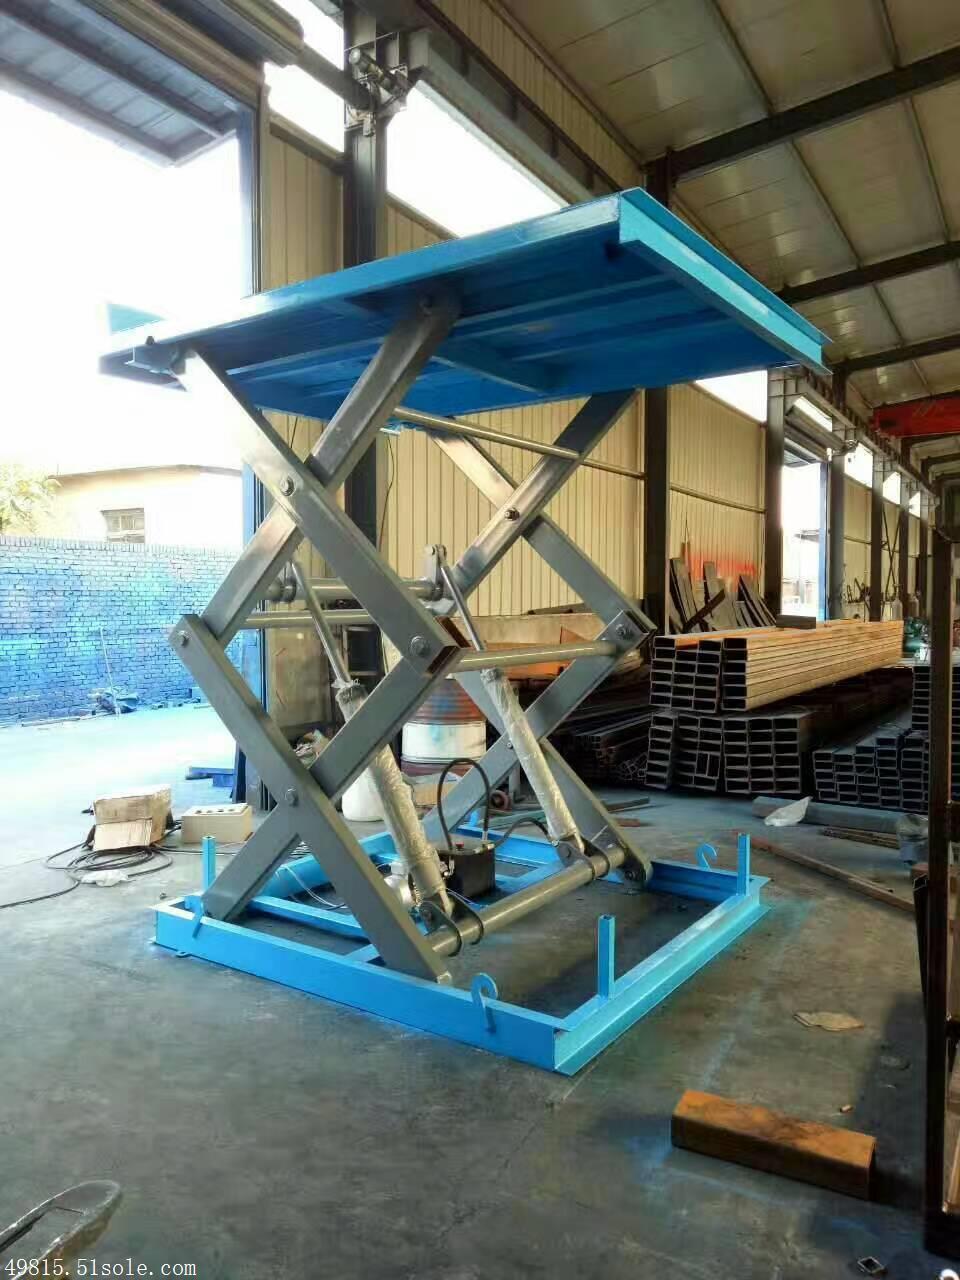 批量生产-湘潭16米高空升降作业平台一台也是批发价!